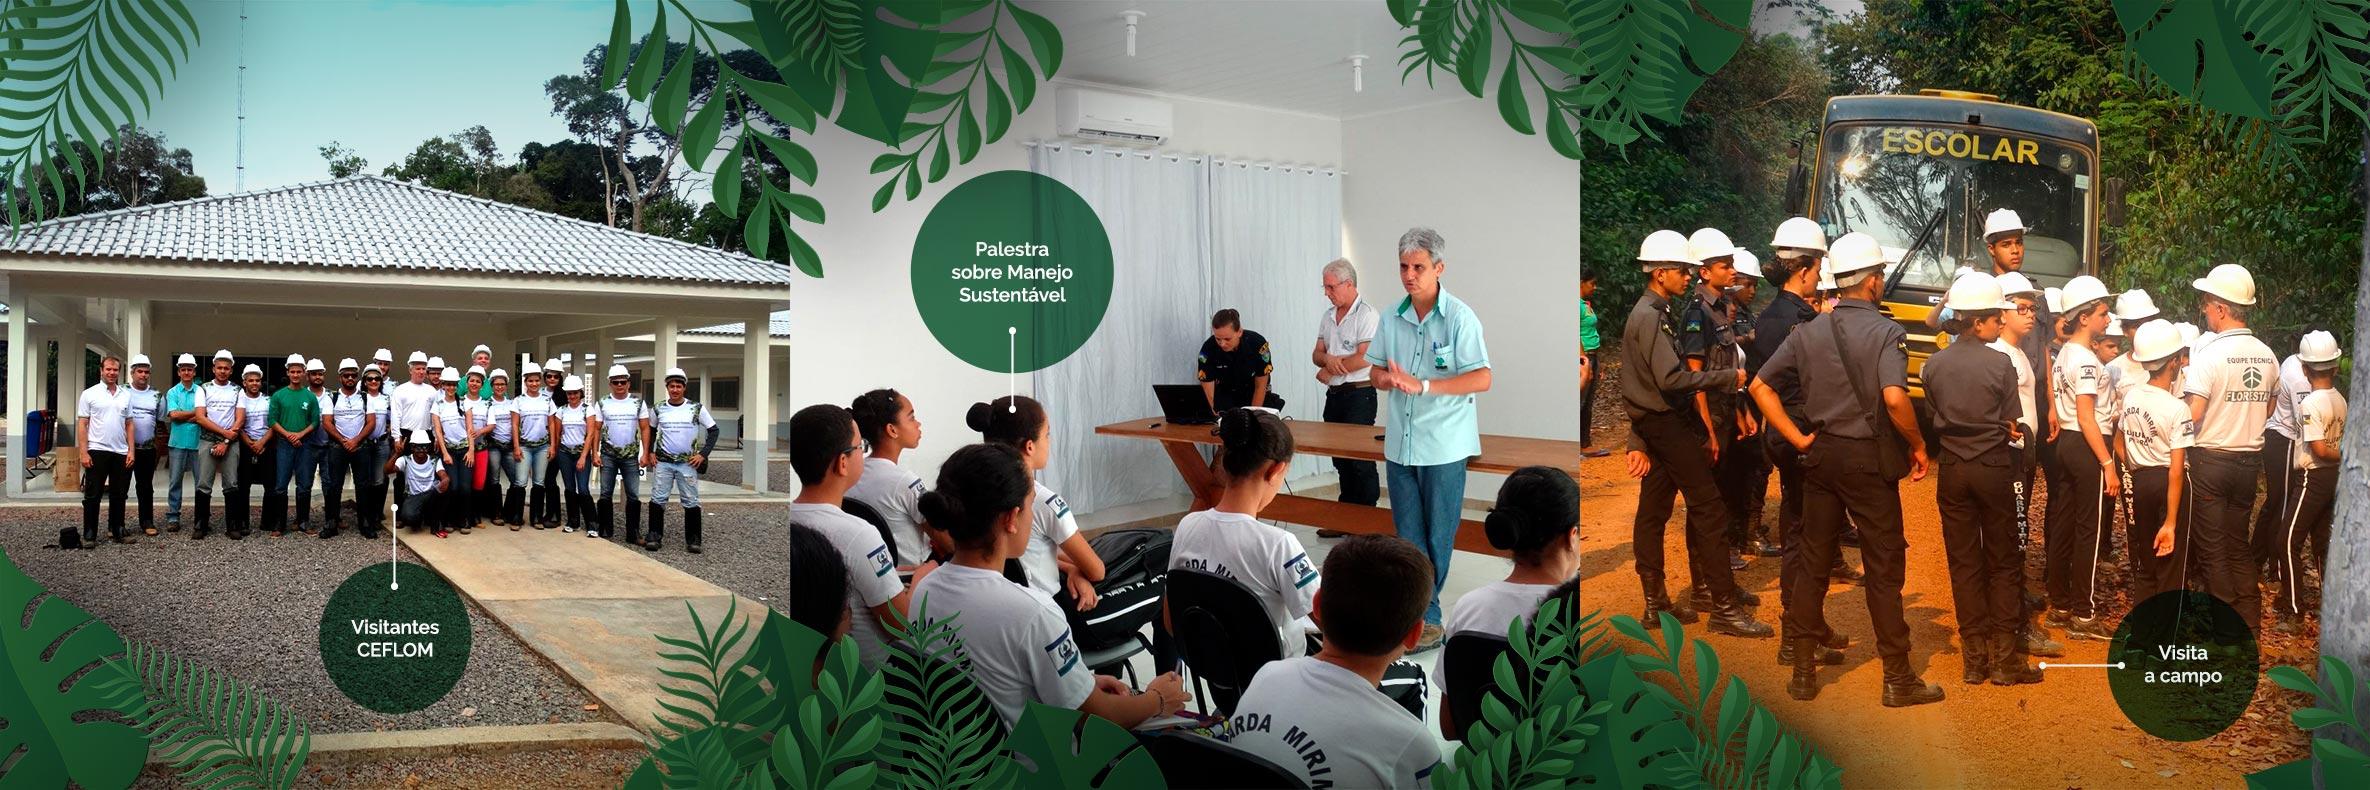 Atividades de Educação Florestal Ceflom Manoa